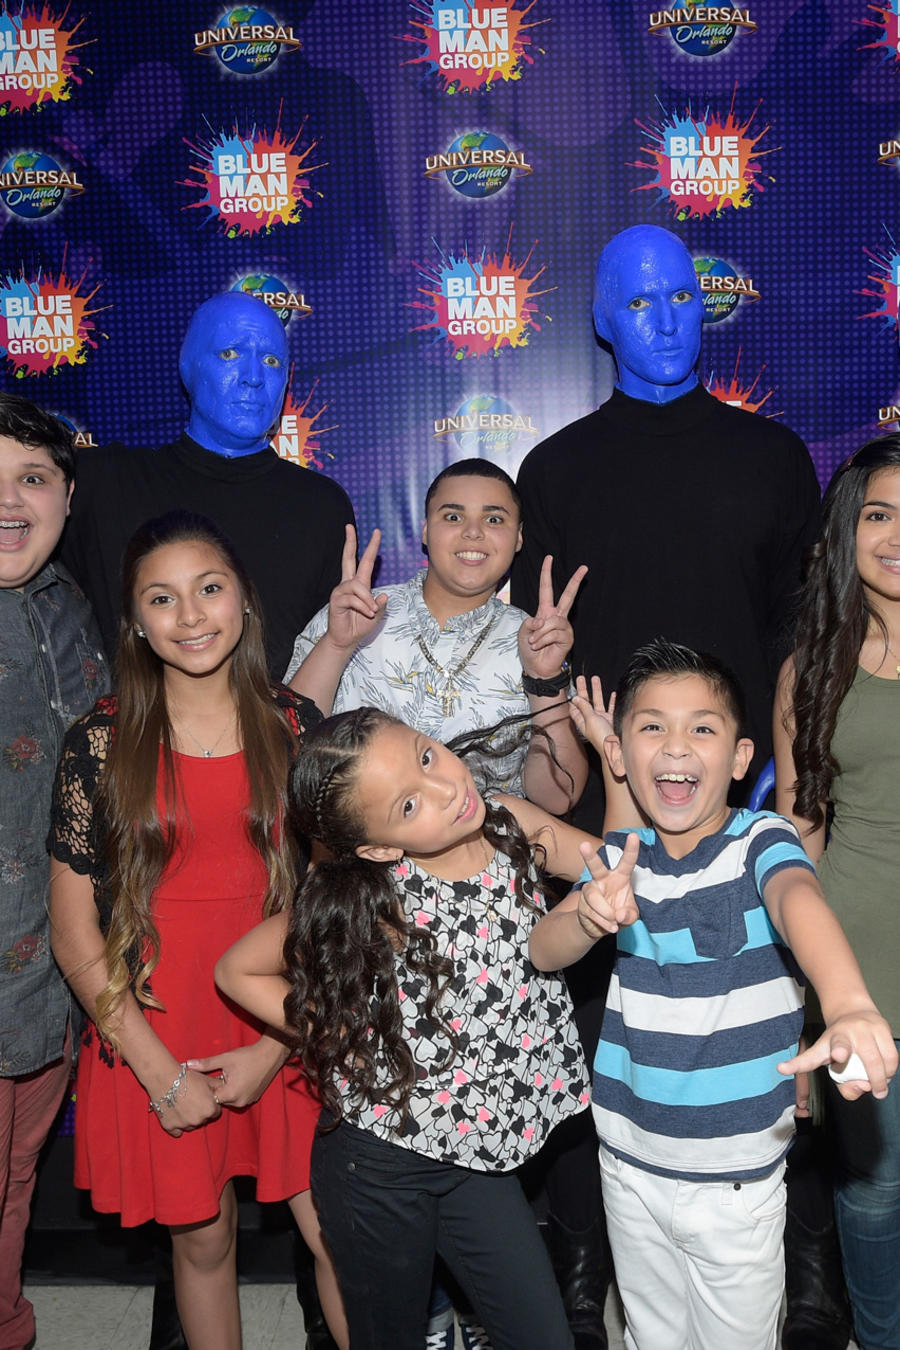 Los seis finalistas de La Voz Kids 2016 en Universal Orlando con el Blue Man Group